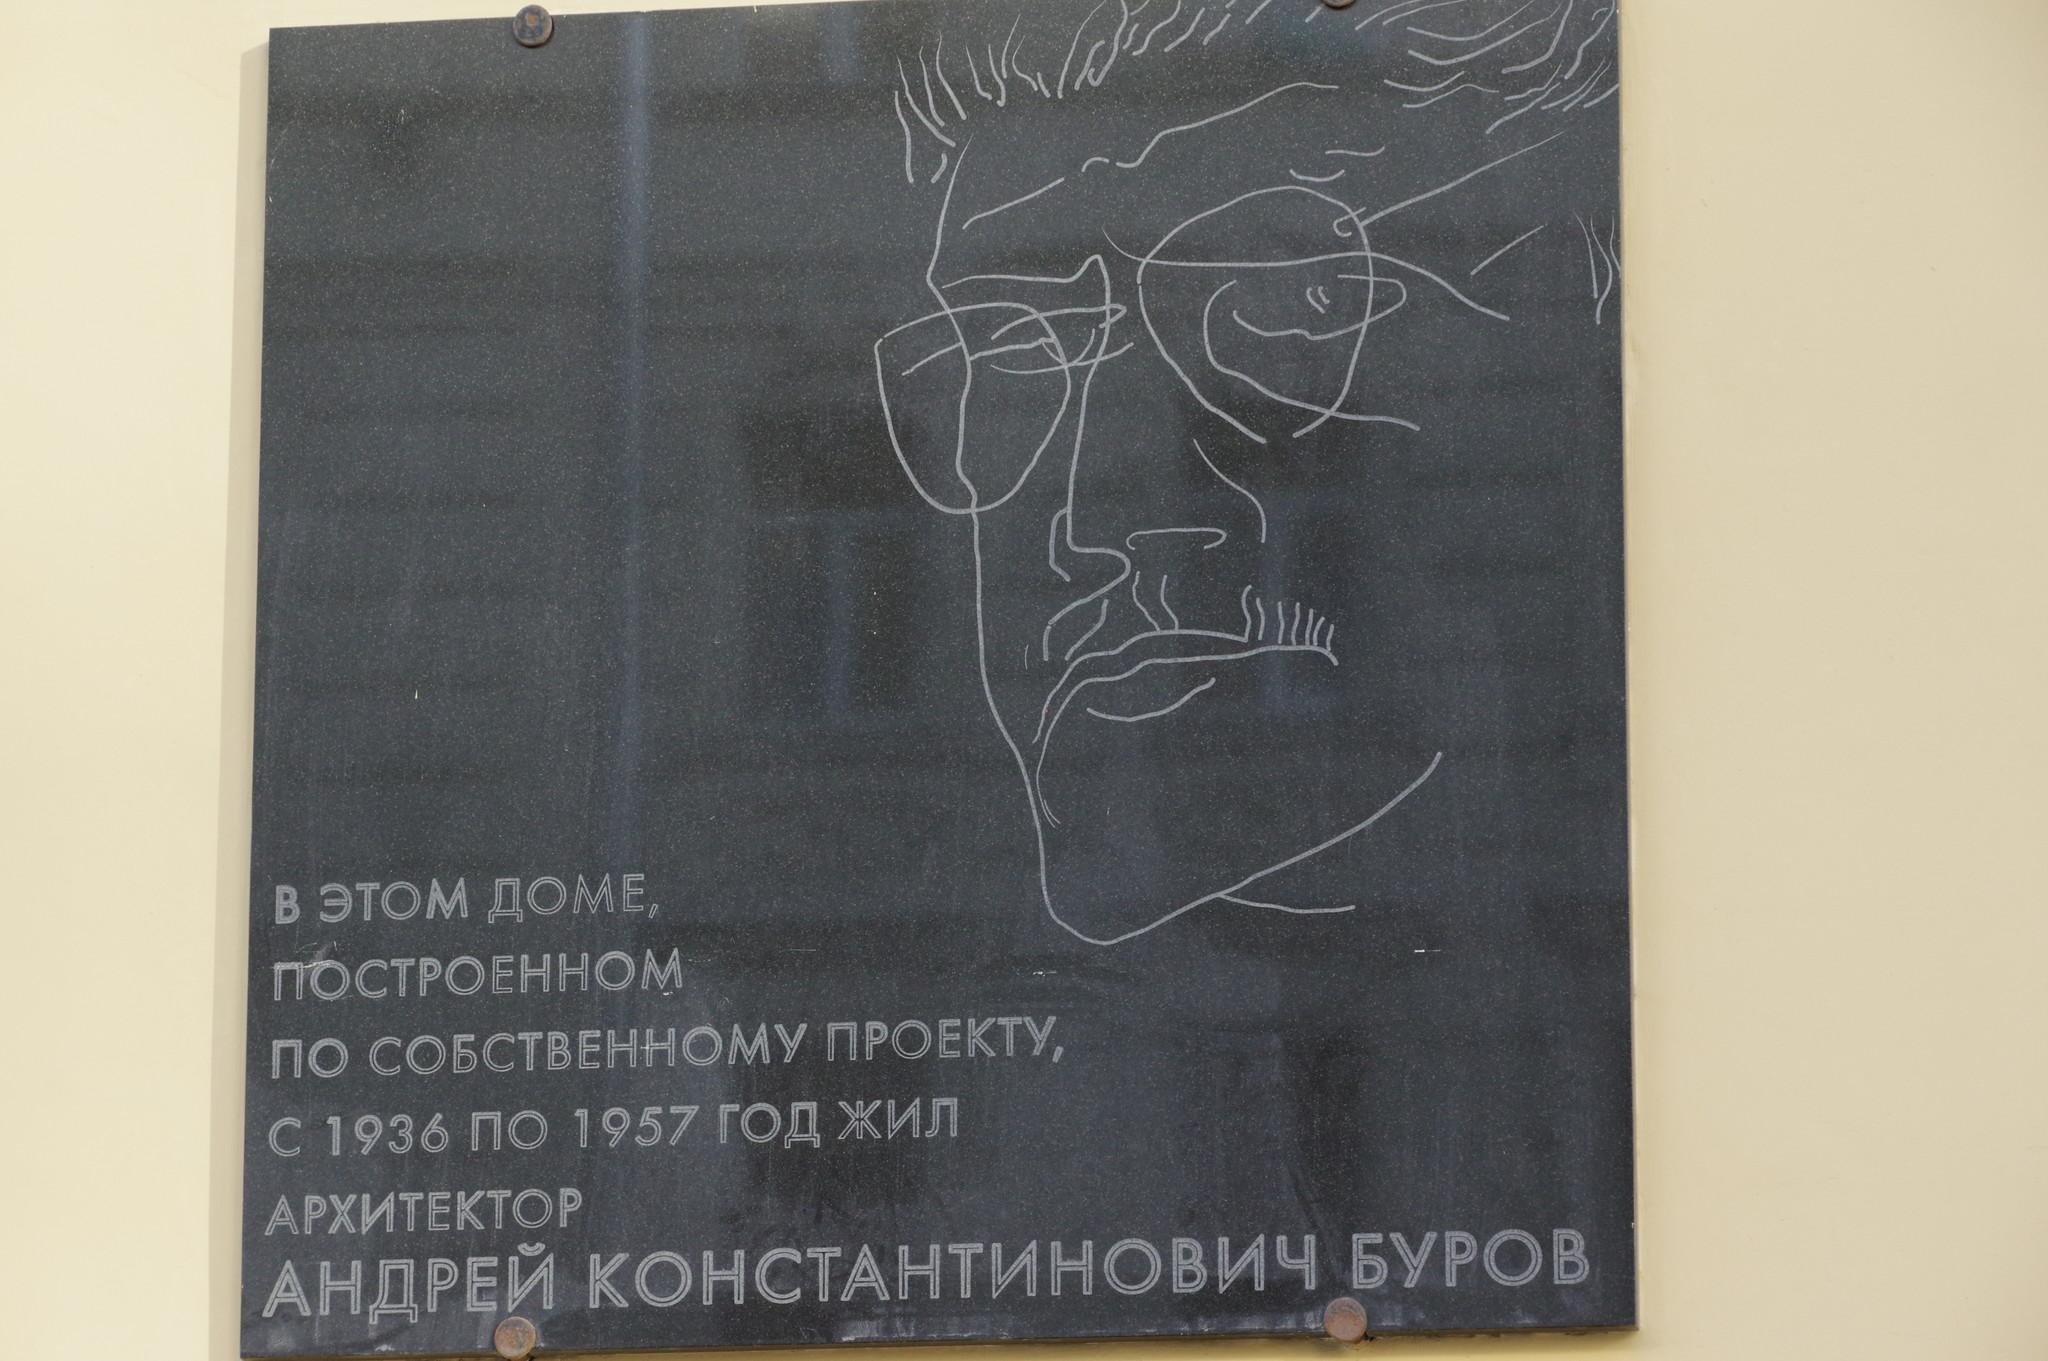 Памятная доска на фасаде дома (Тверская улица, дом 25/12, строение 1), построенном по проекту архитектора Андрея Константиновича Бурова